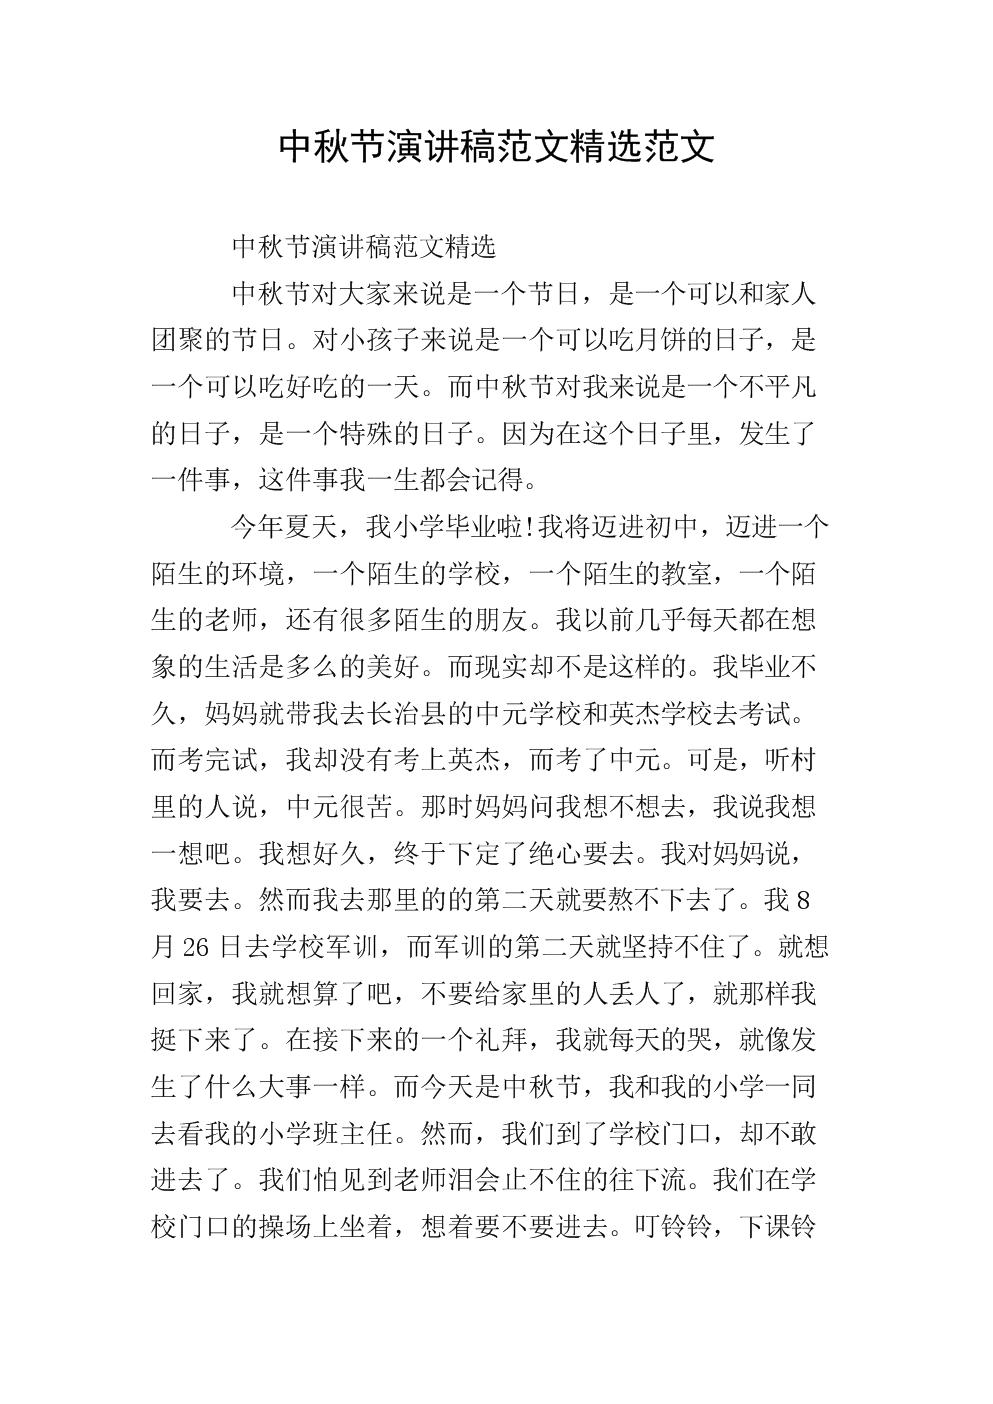 中秋节演讲稿范文精选范文.doc图片